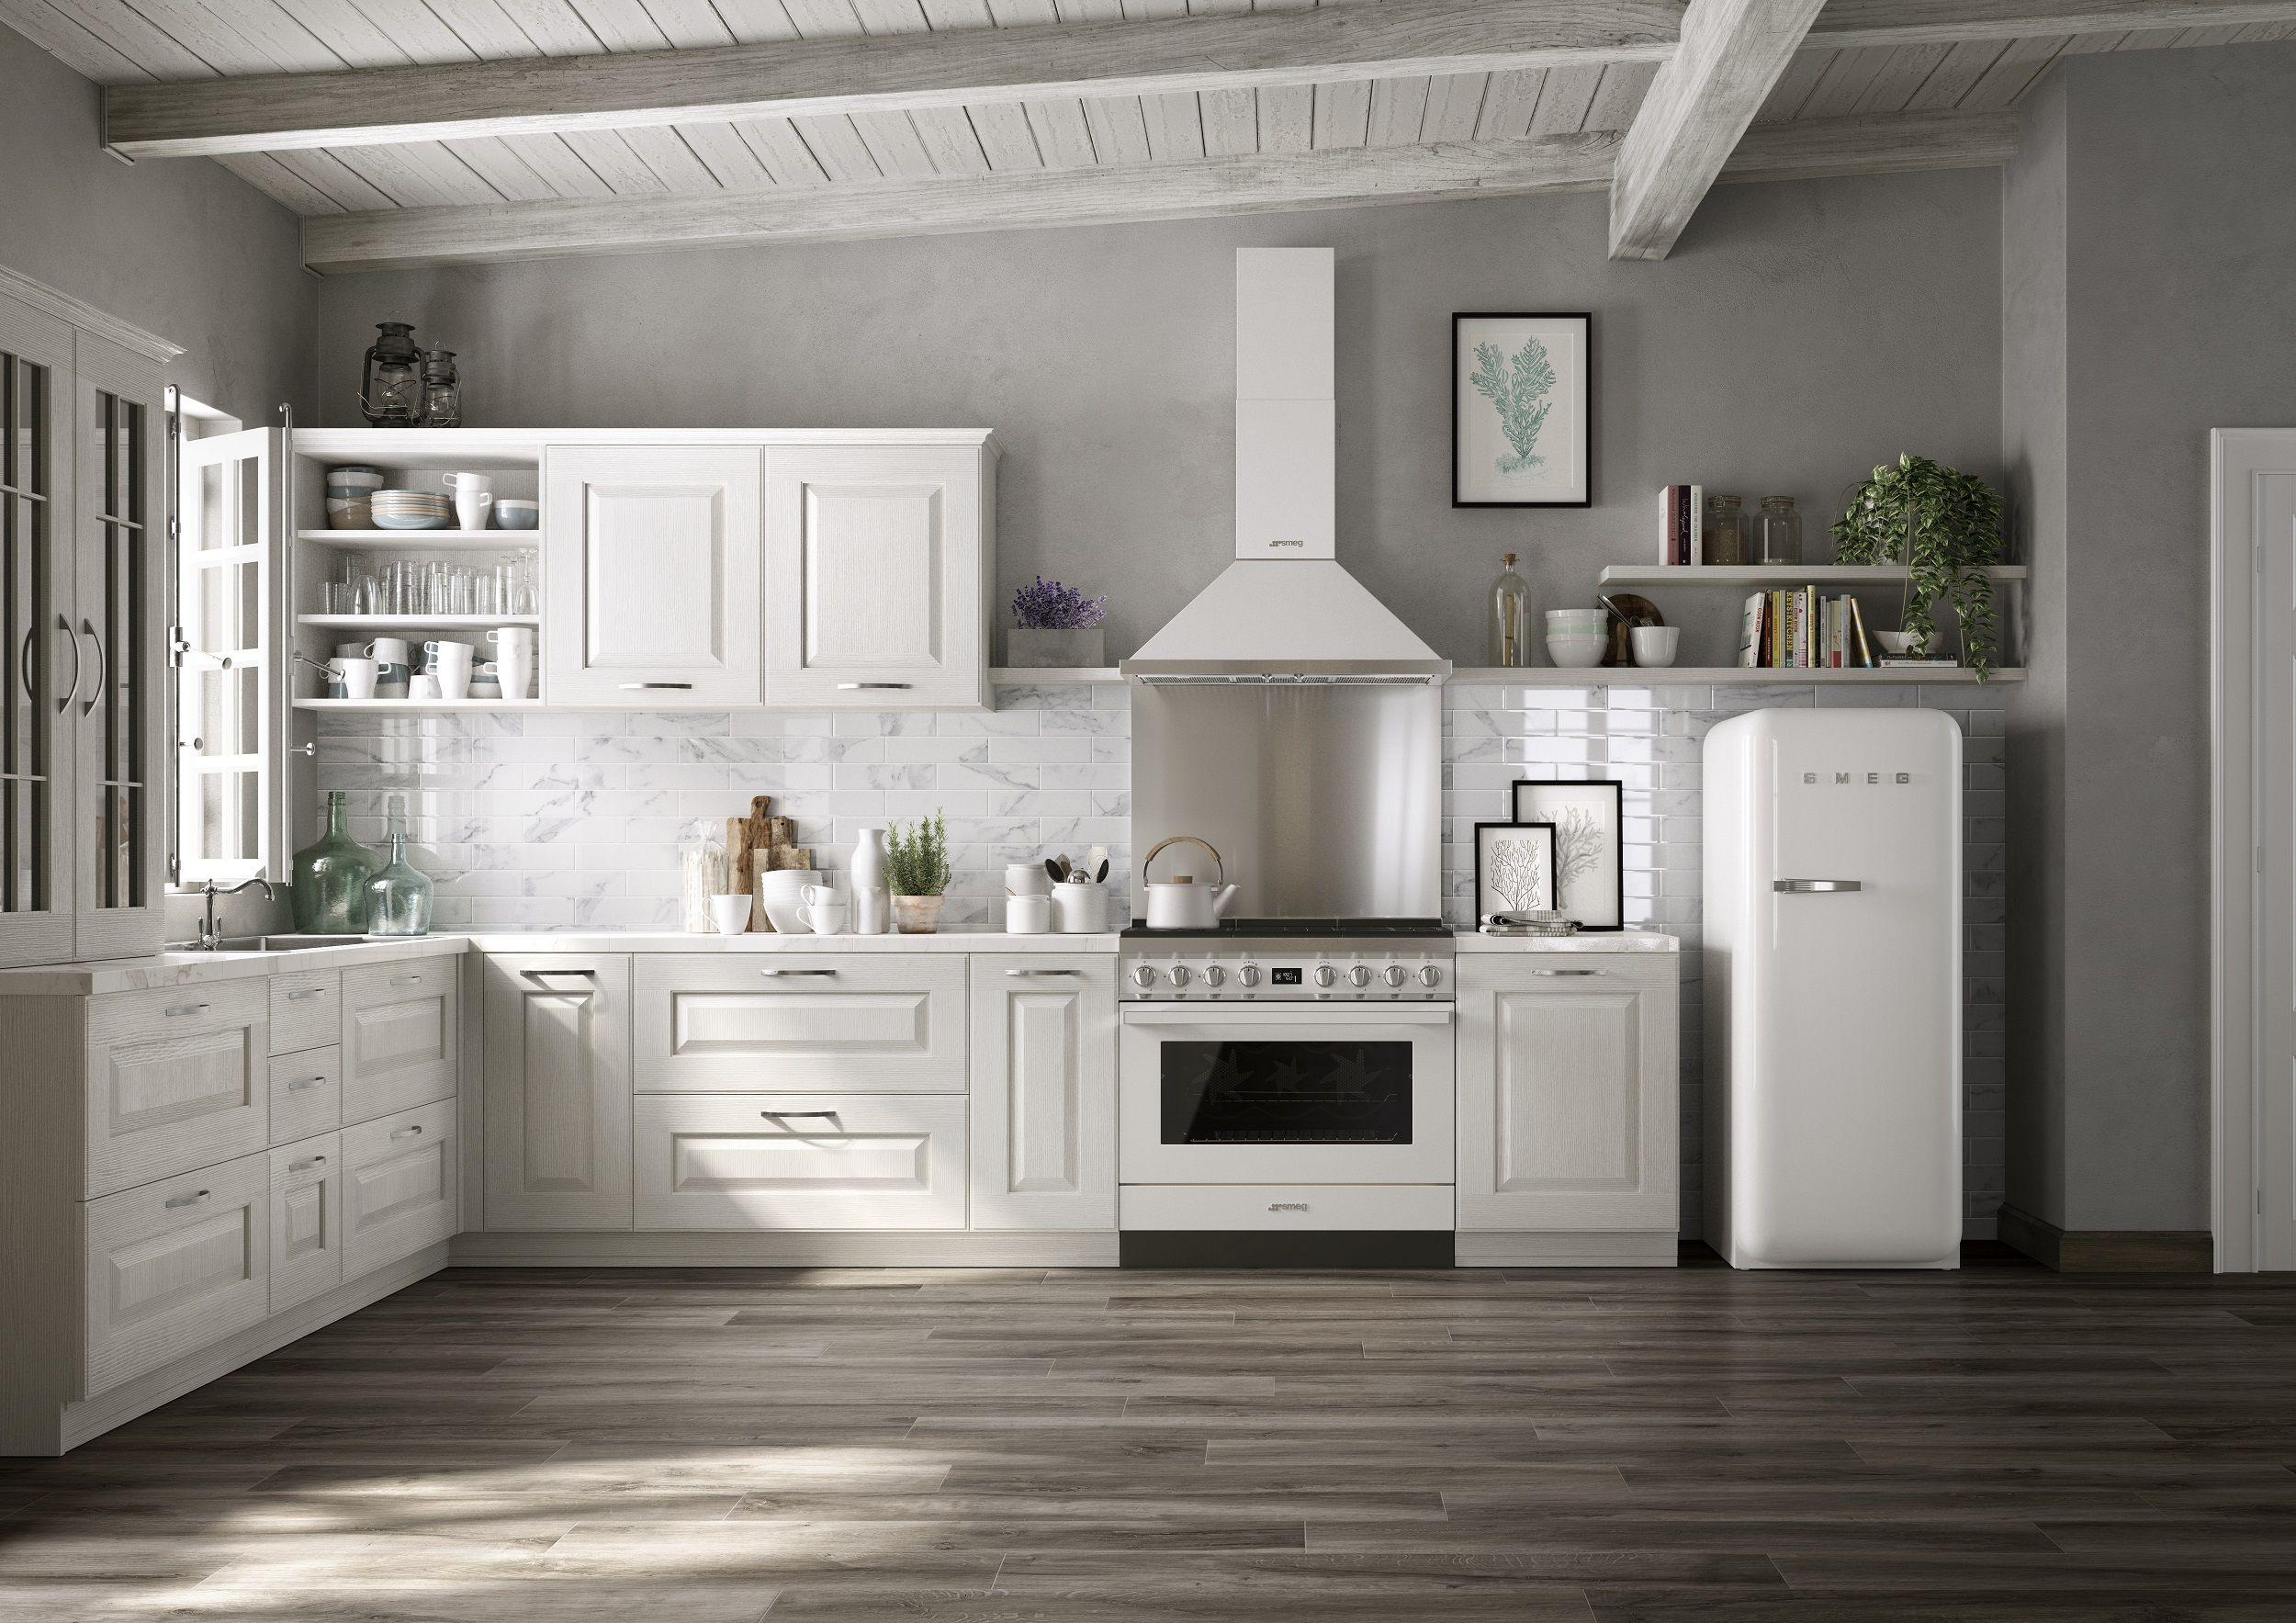 Küche Mit Retro Kühlschrank : Ein küchentraum in weiß mit retro kühlschrank und unseren neuen